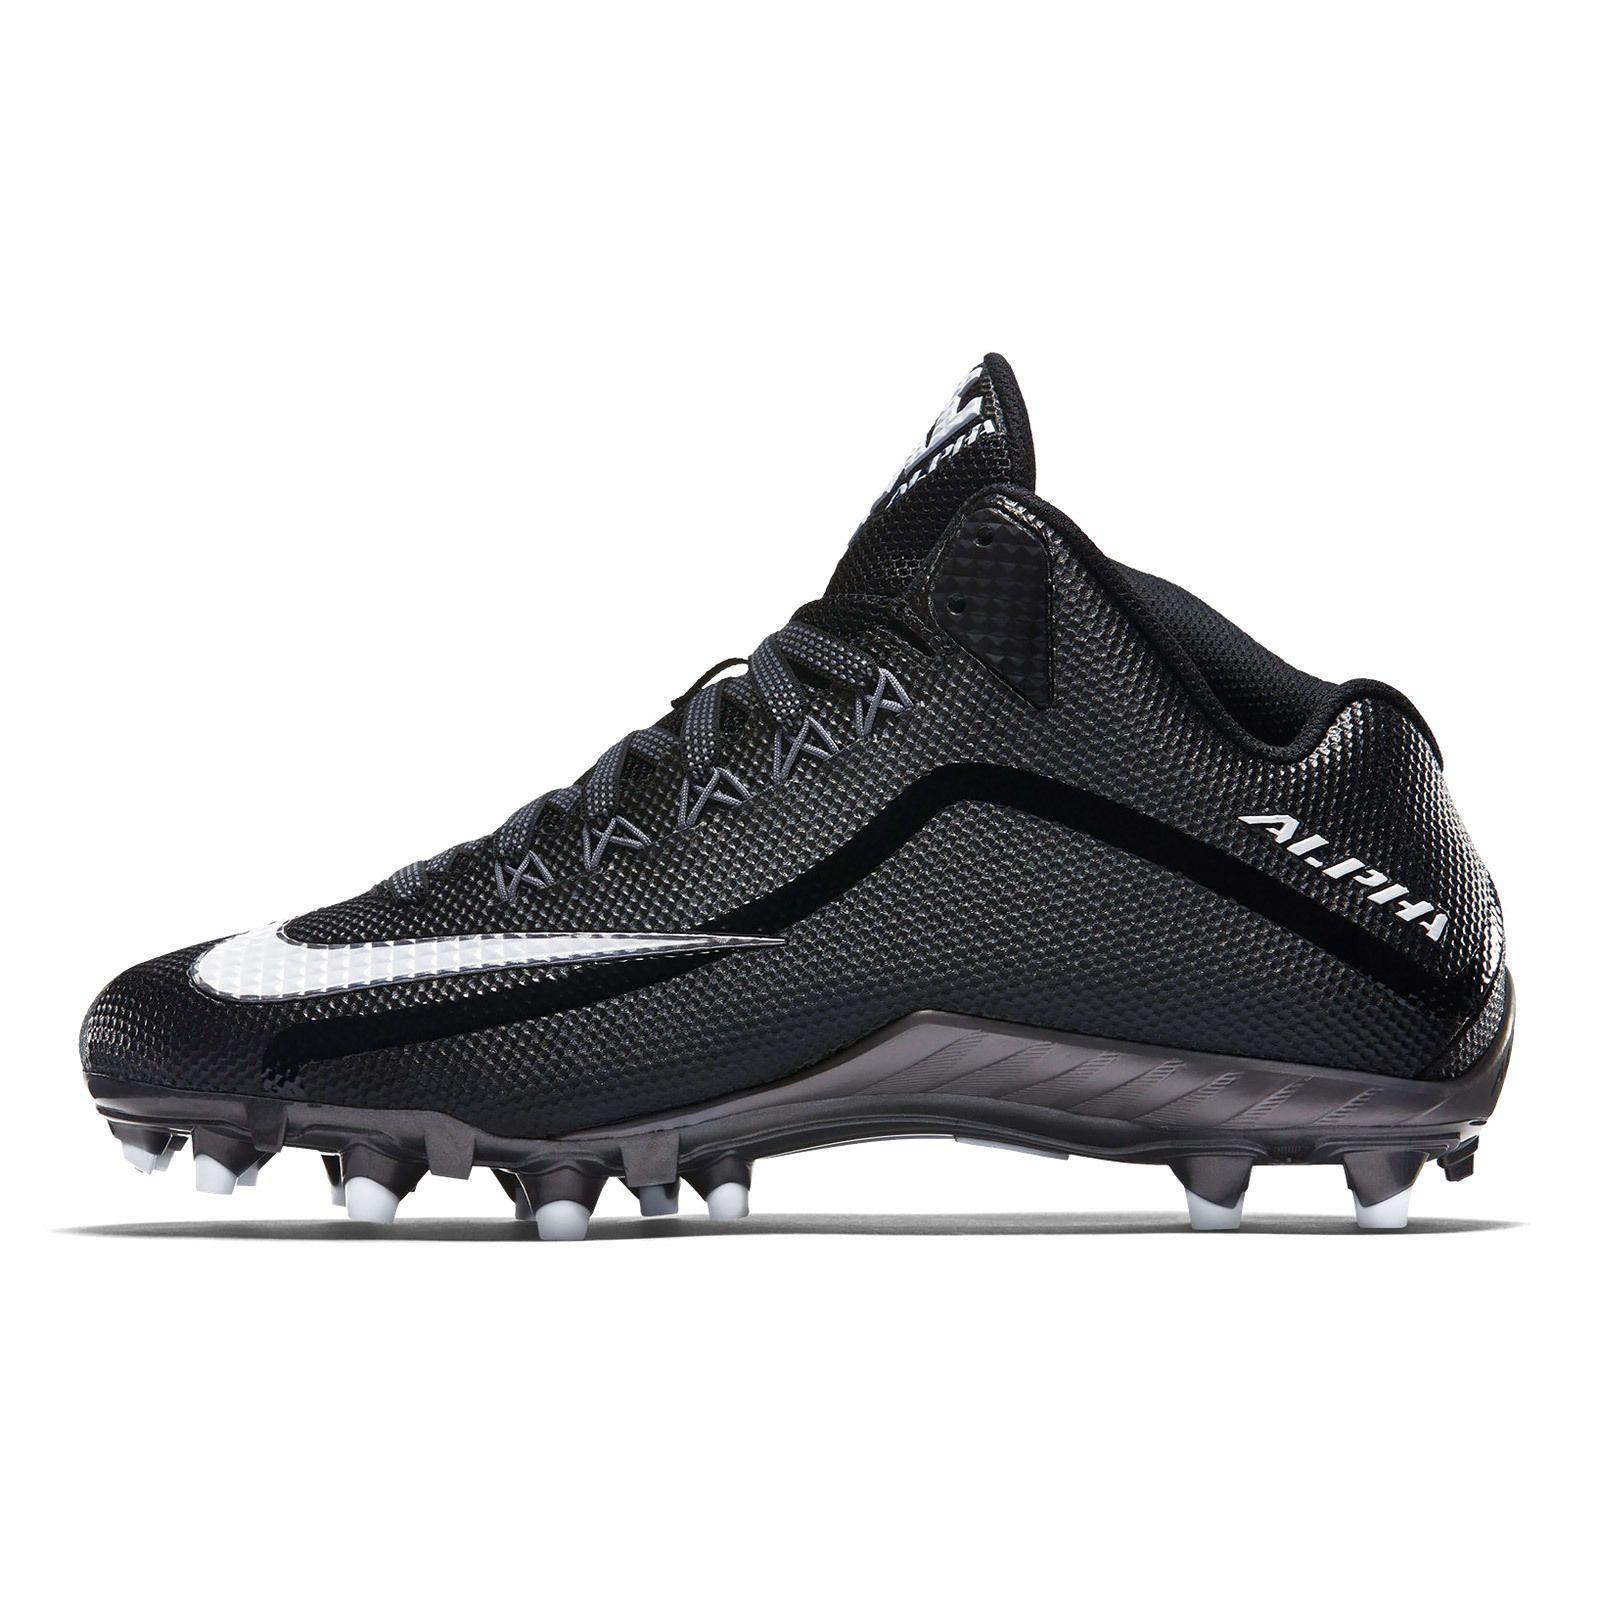 New Nike Alpha Pro 2 II 3/4 TD Mid Mens Football Cleats : Black